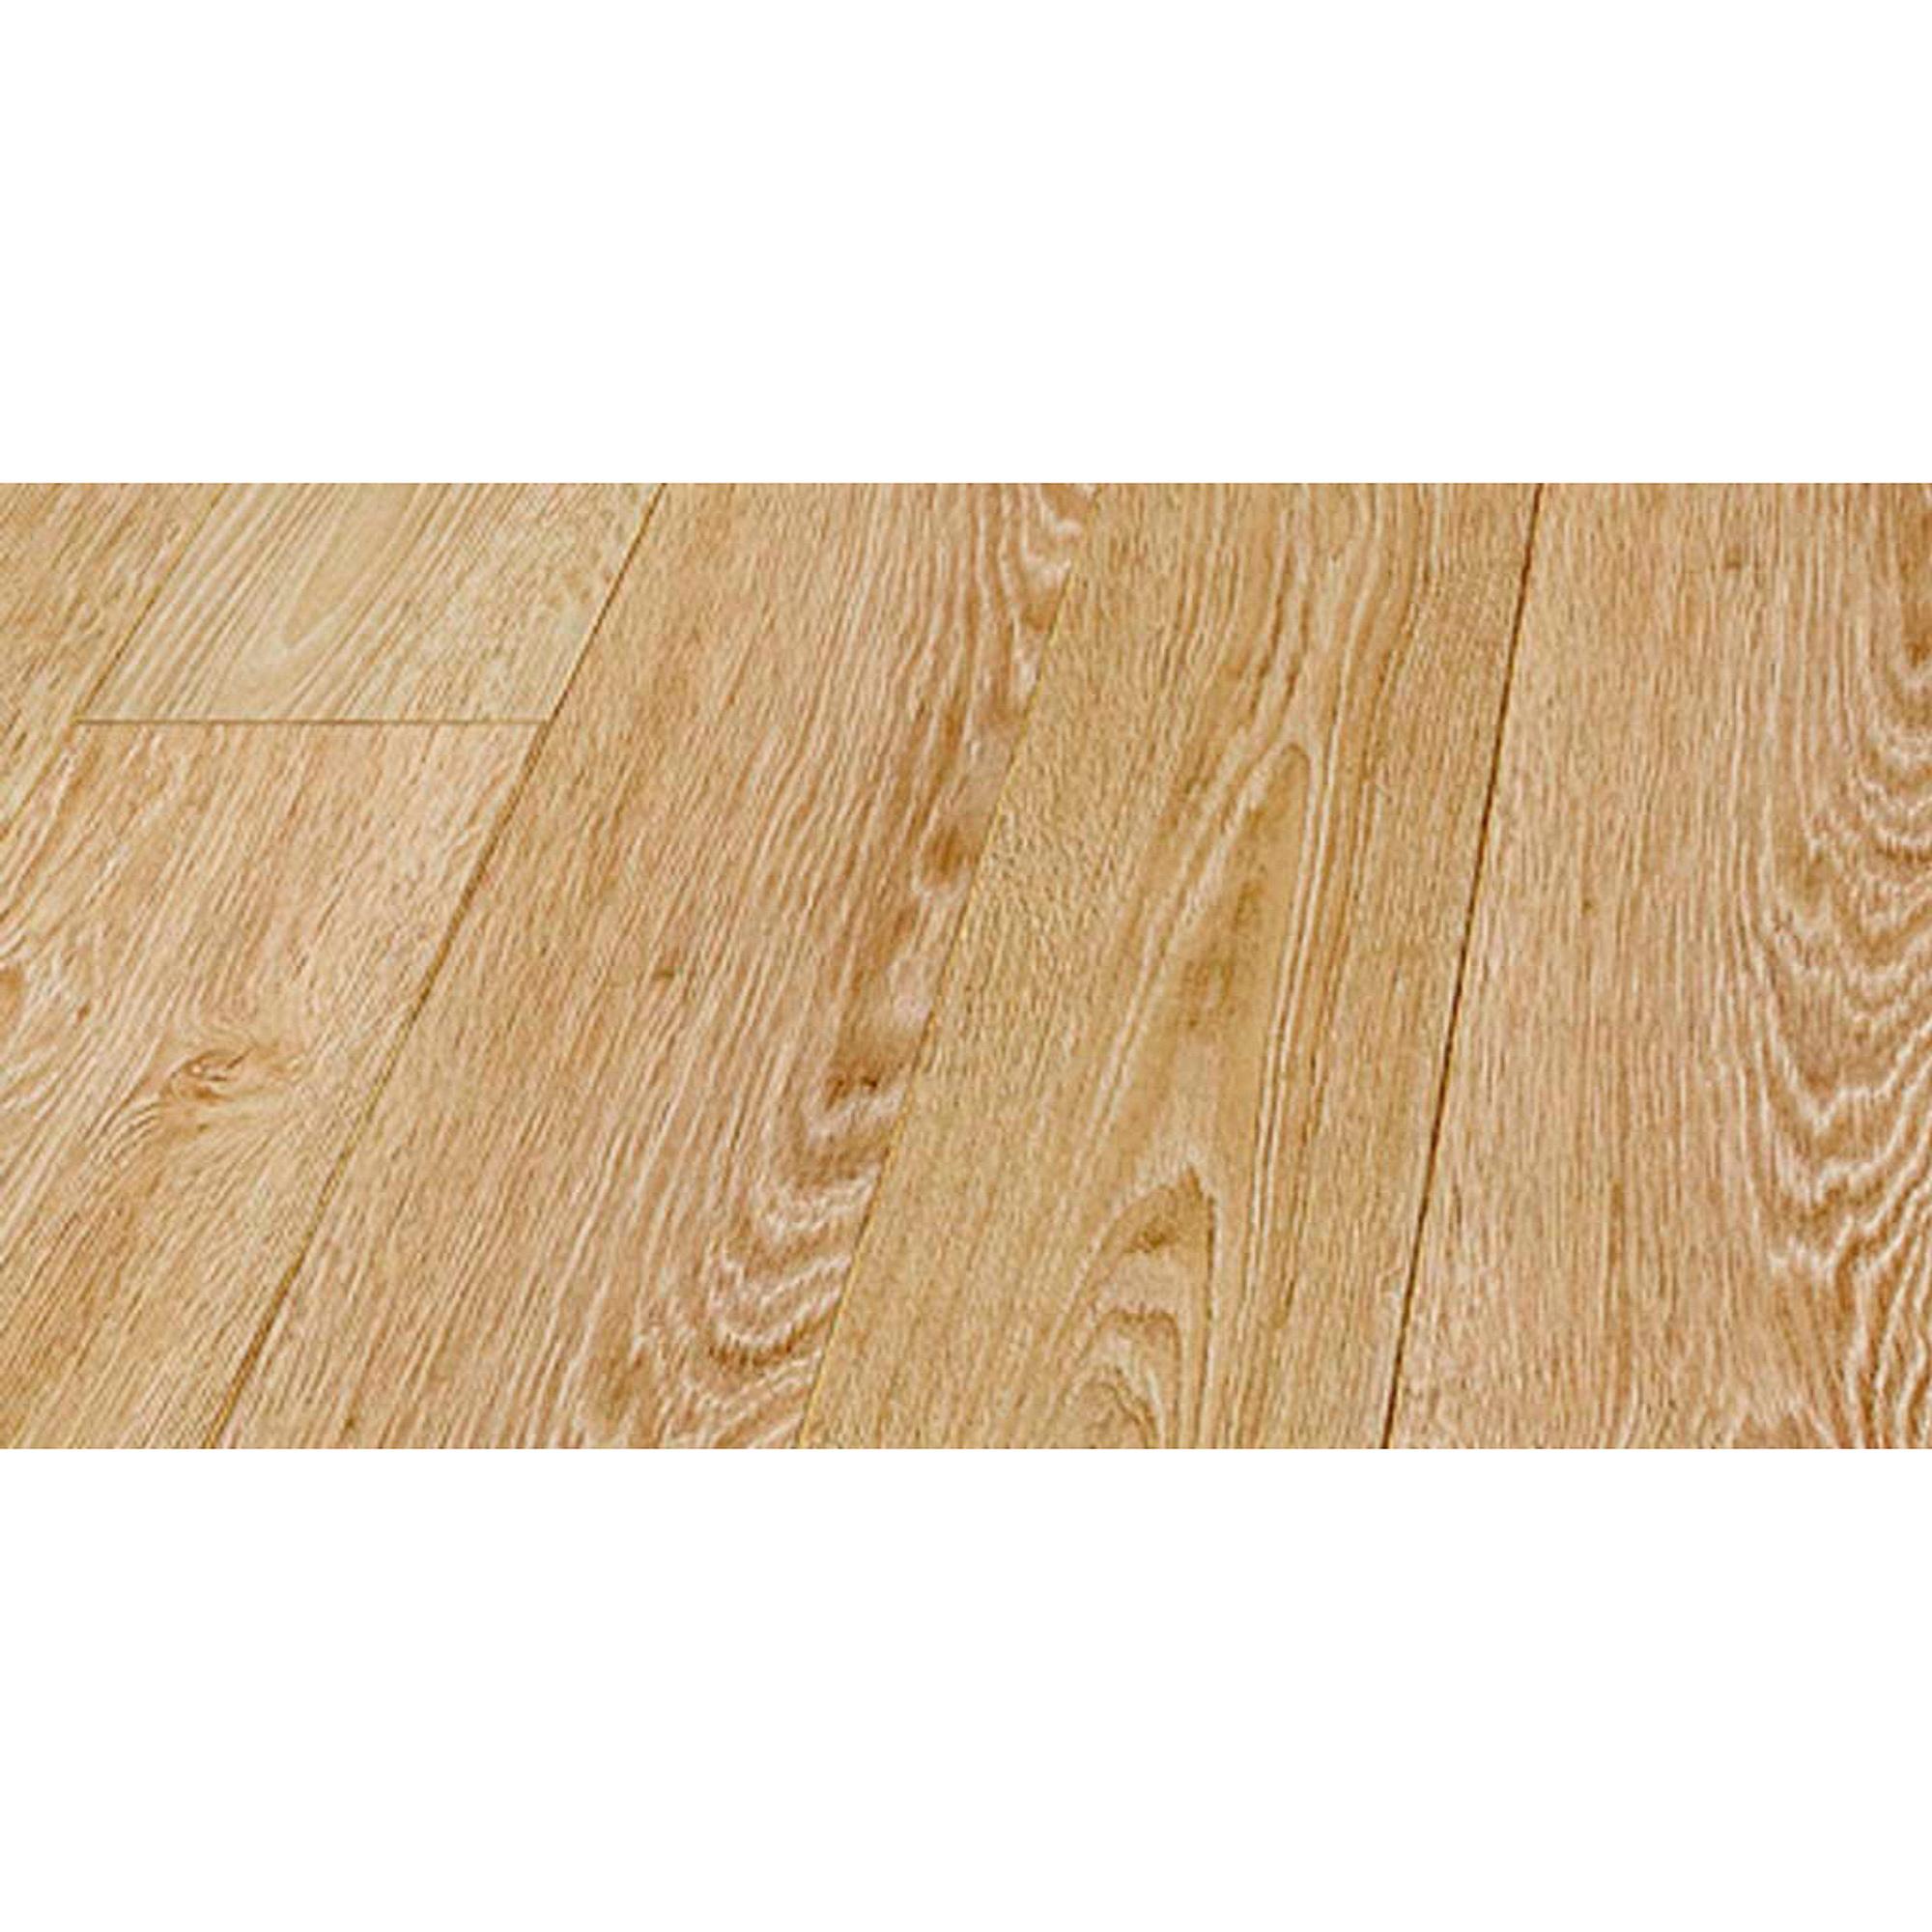 Купить Ламинат Balterio Solid Empire Oak 12-228, Бельгия, коричневый